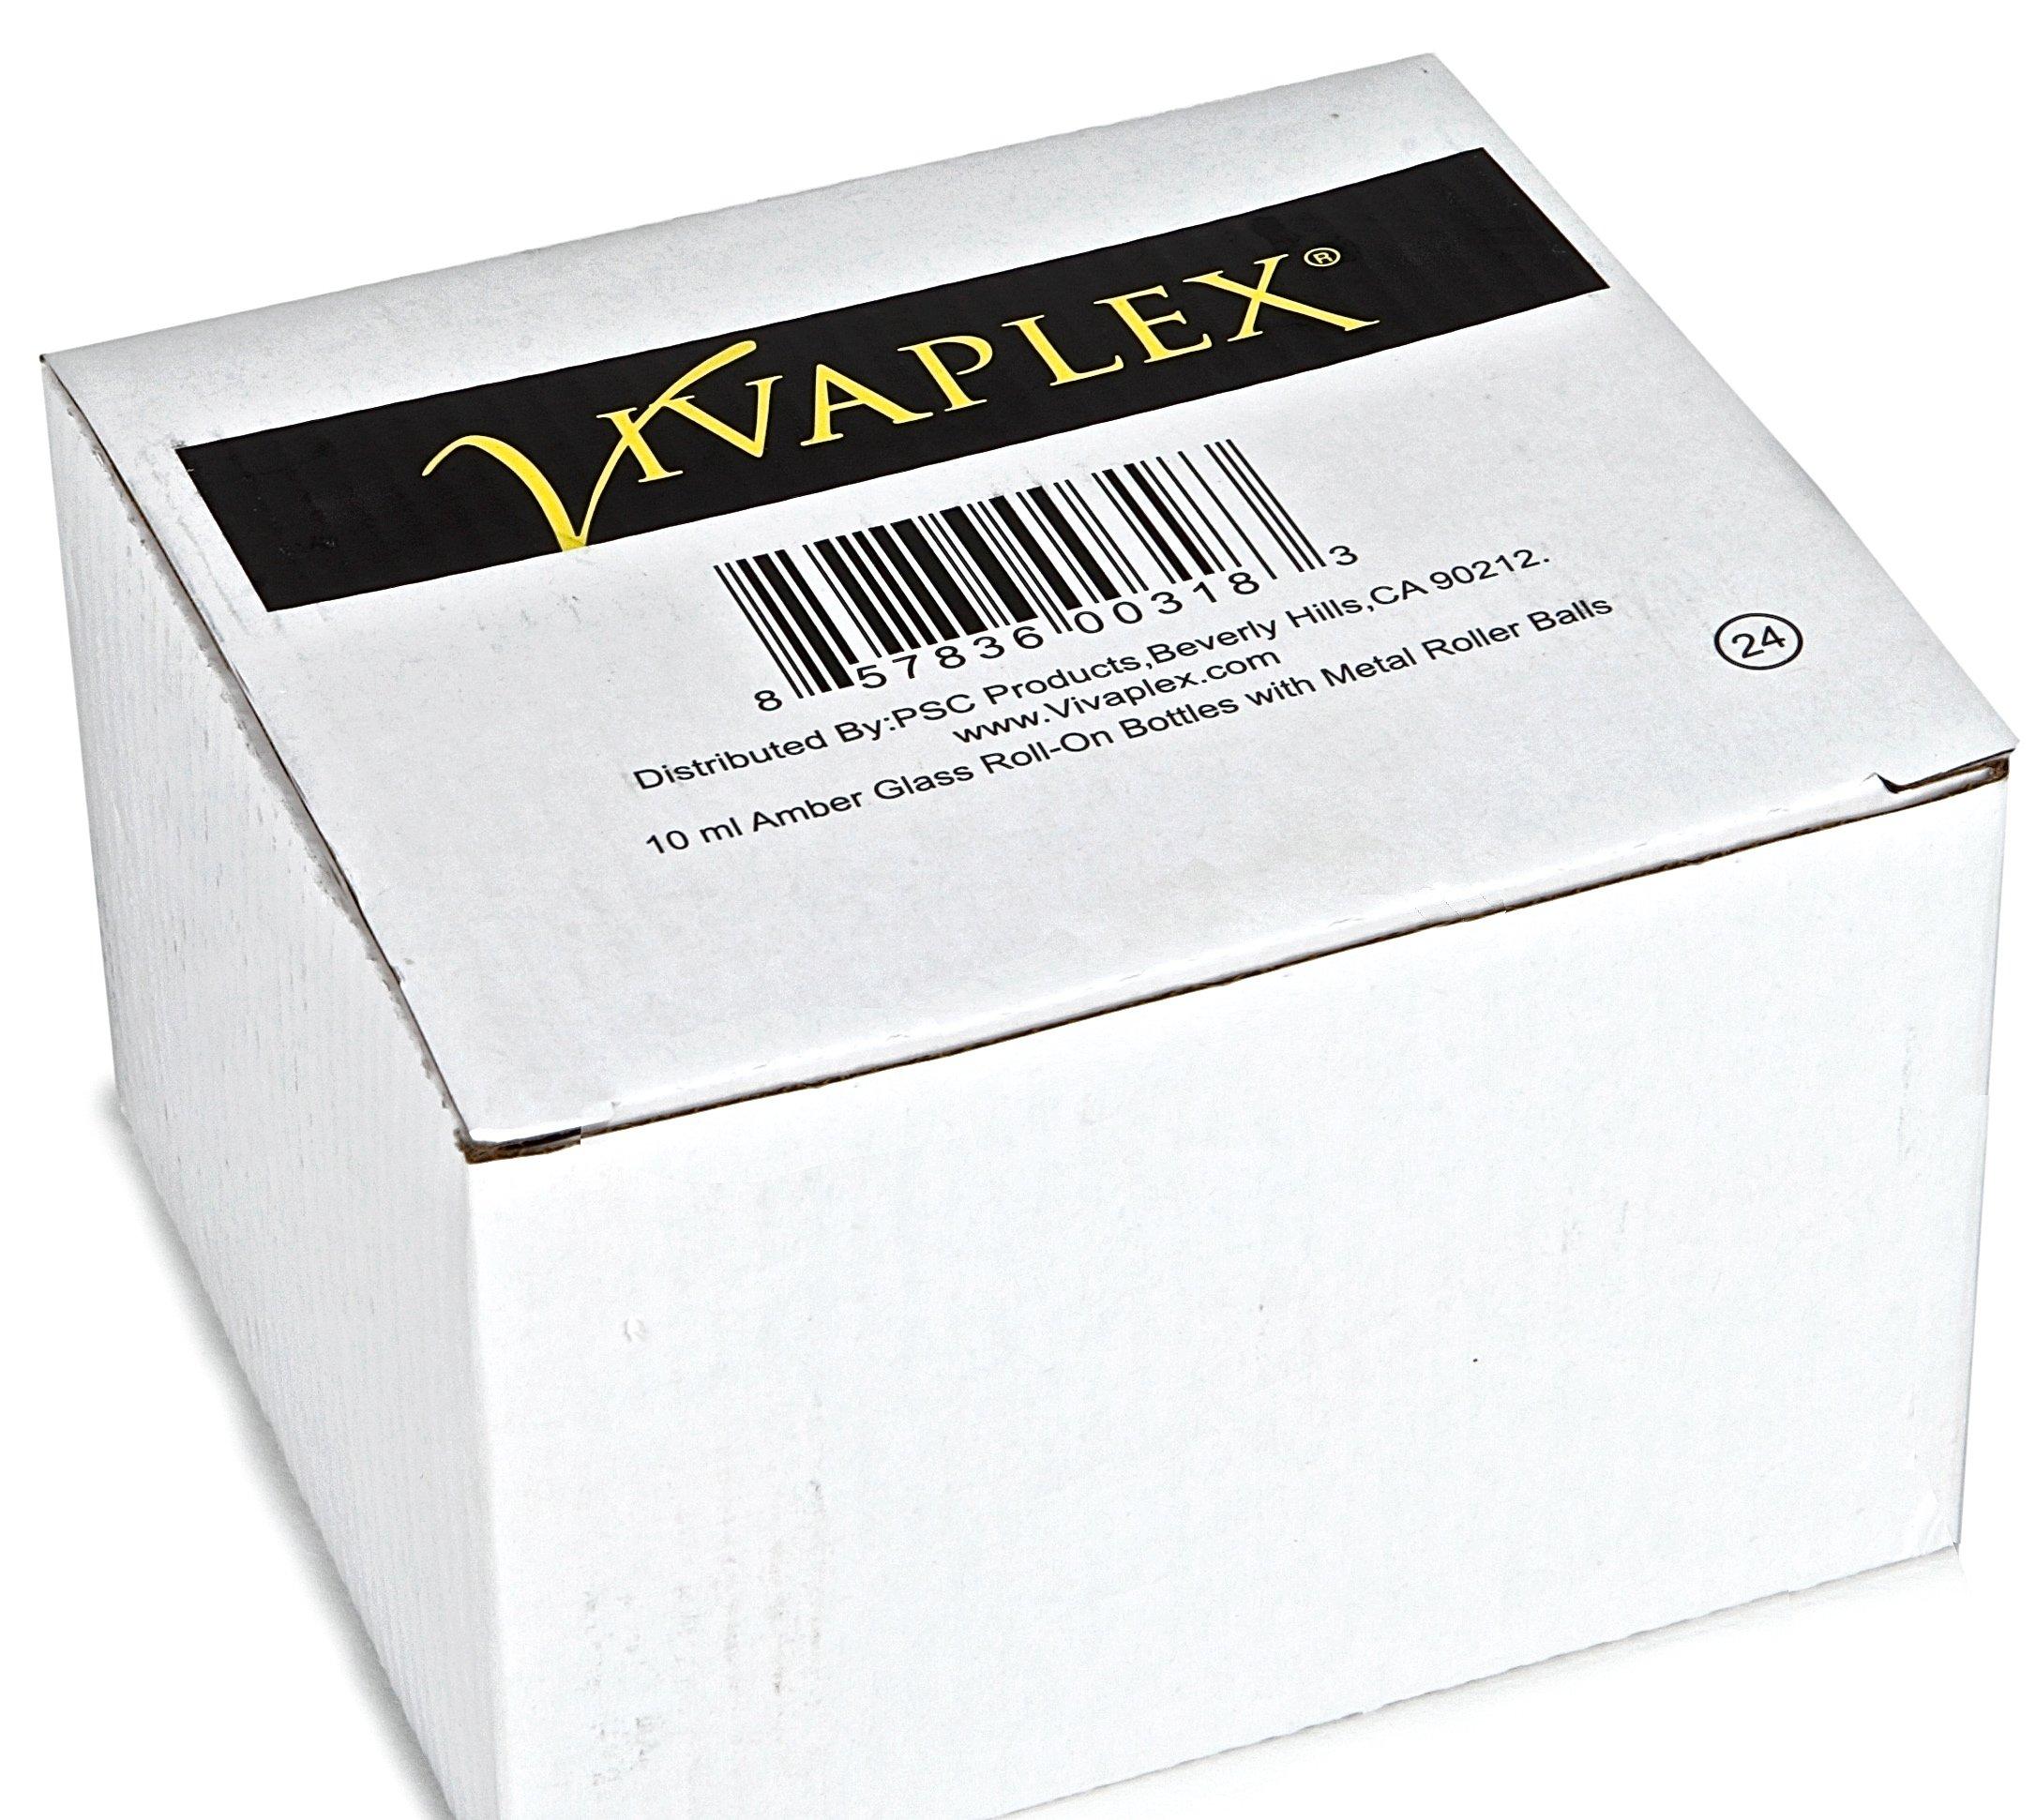 Vivaplex, 24, Amber, 10 ml Glass Roll-on Bottles with Stainless Steel Roller Balls. 3 - 3 ml Droppers included by Vivaplex (Image #2)